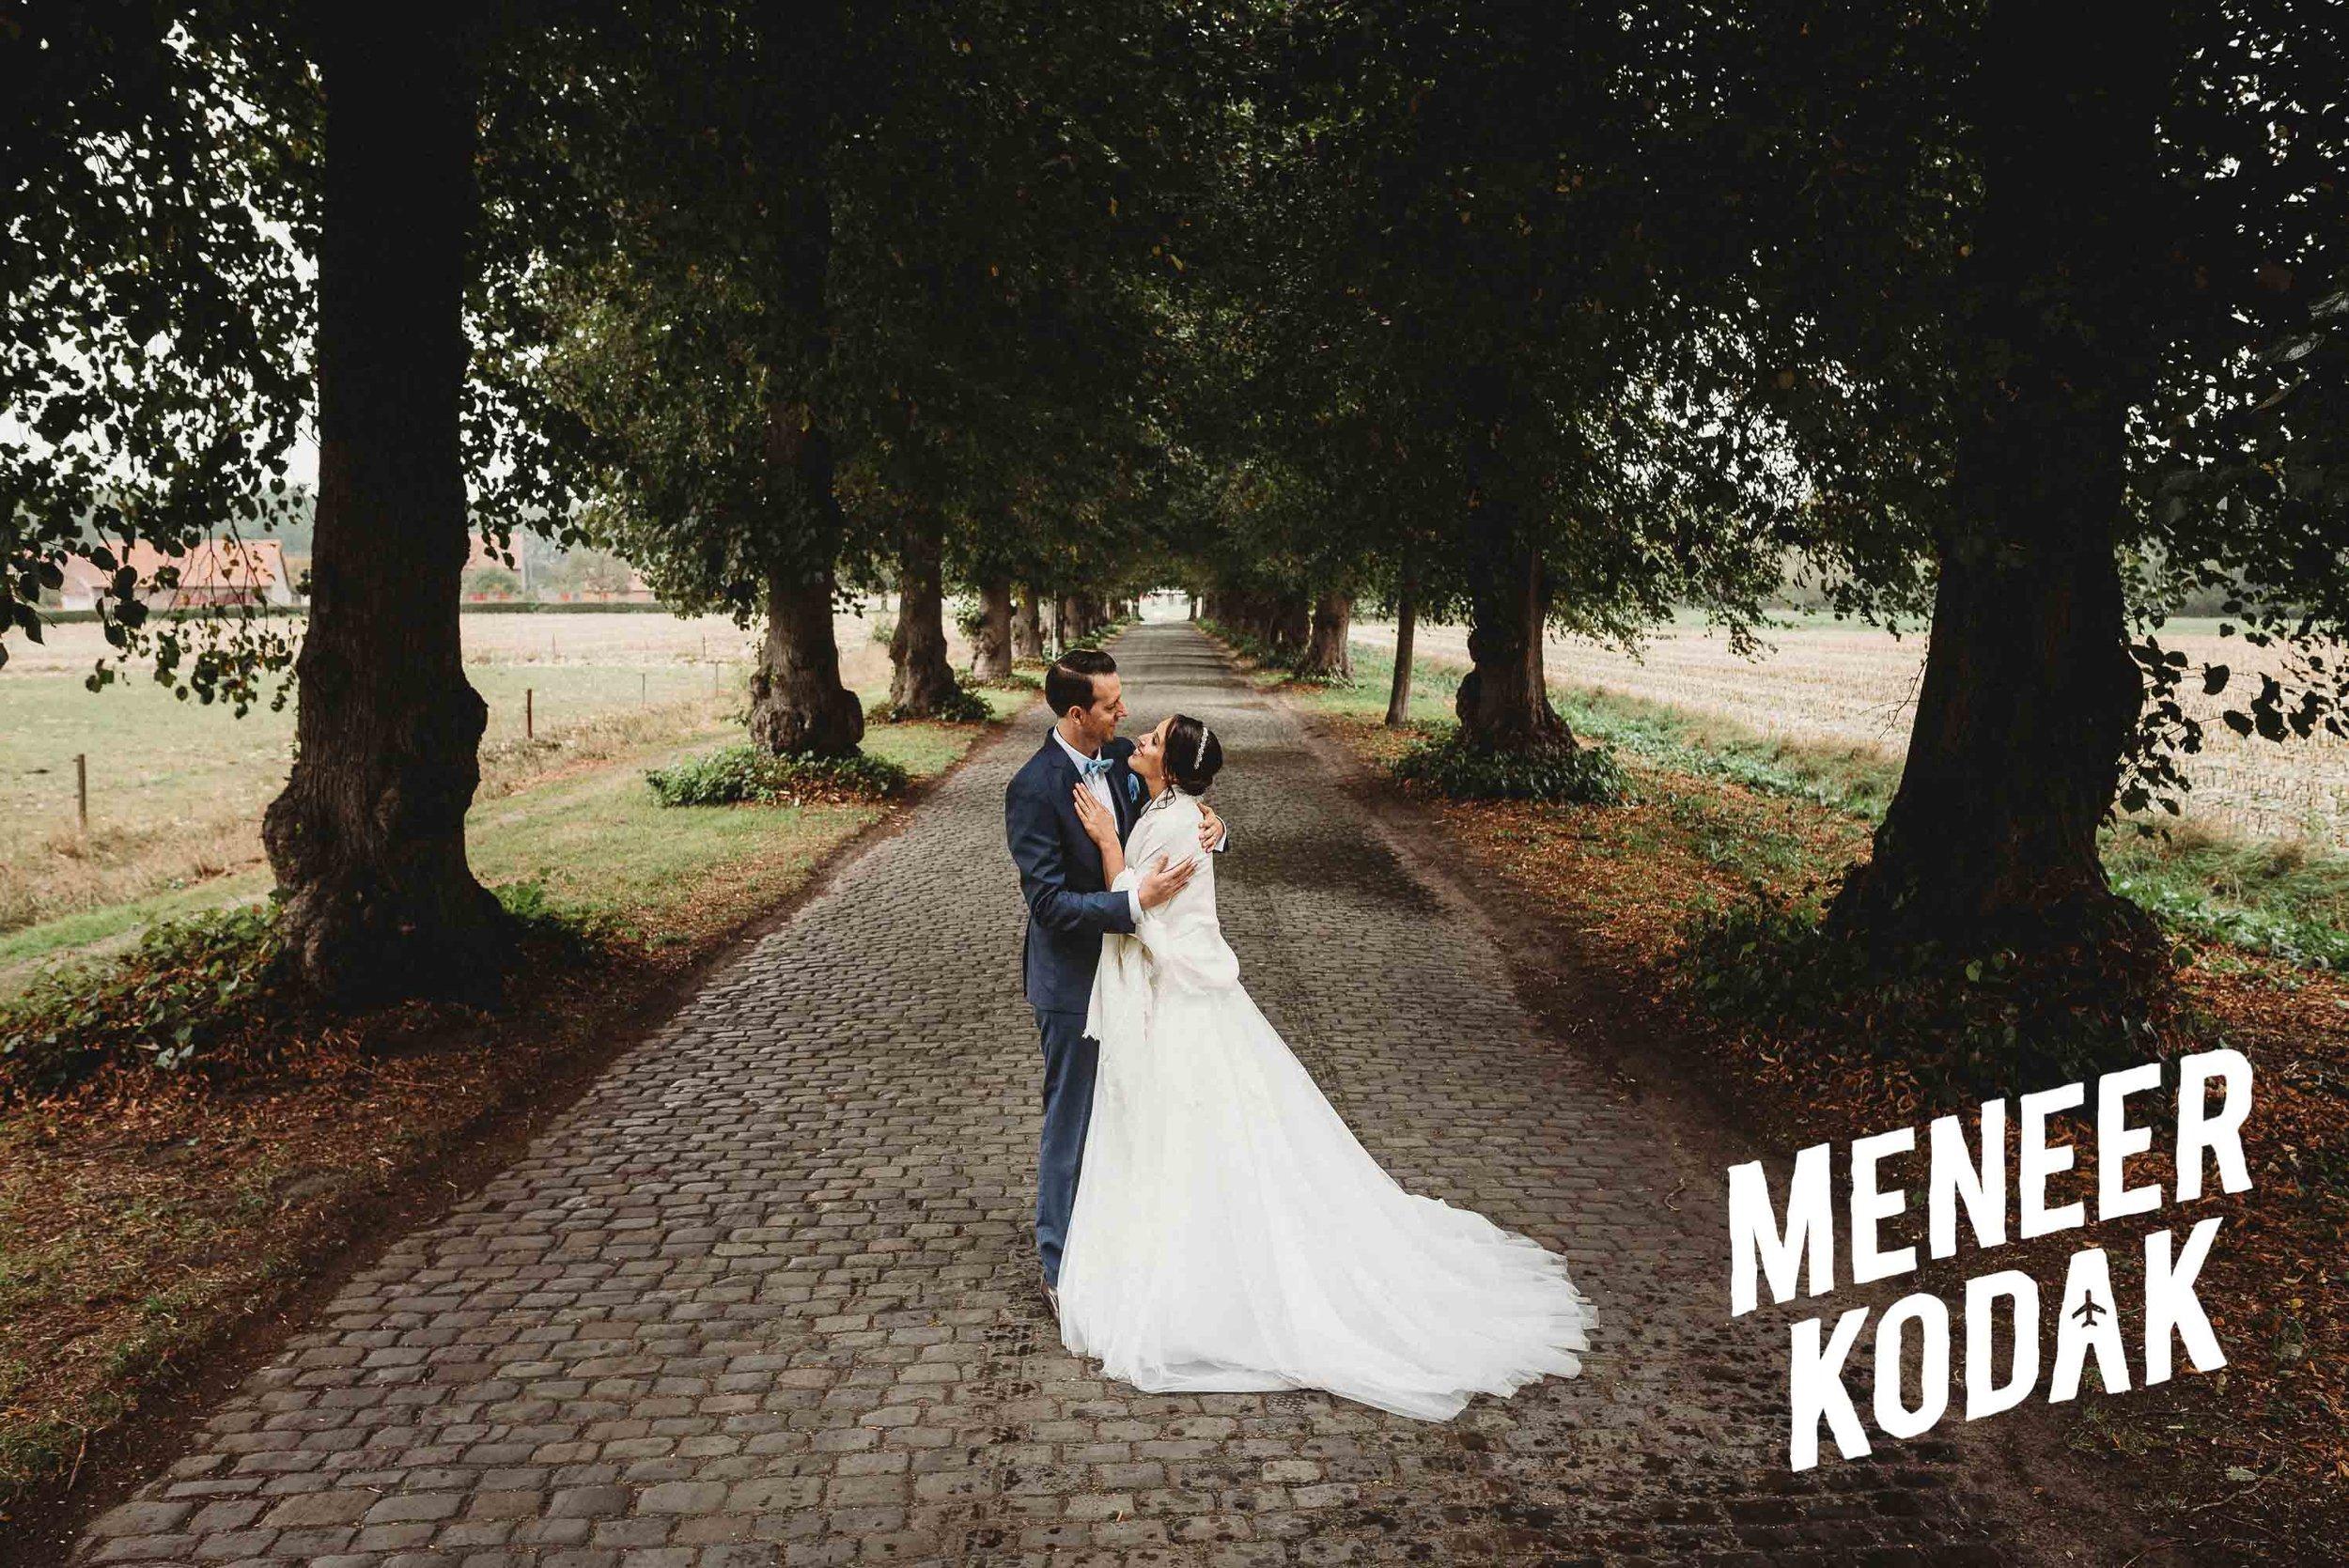 Meneer Kodak - Trouwfotograaf - Gent - D&T-056.jpg